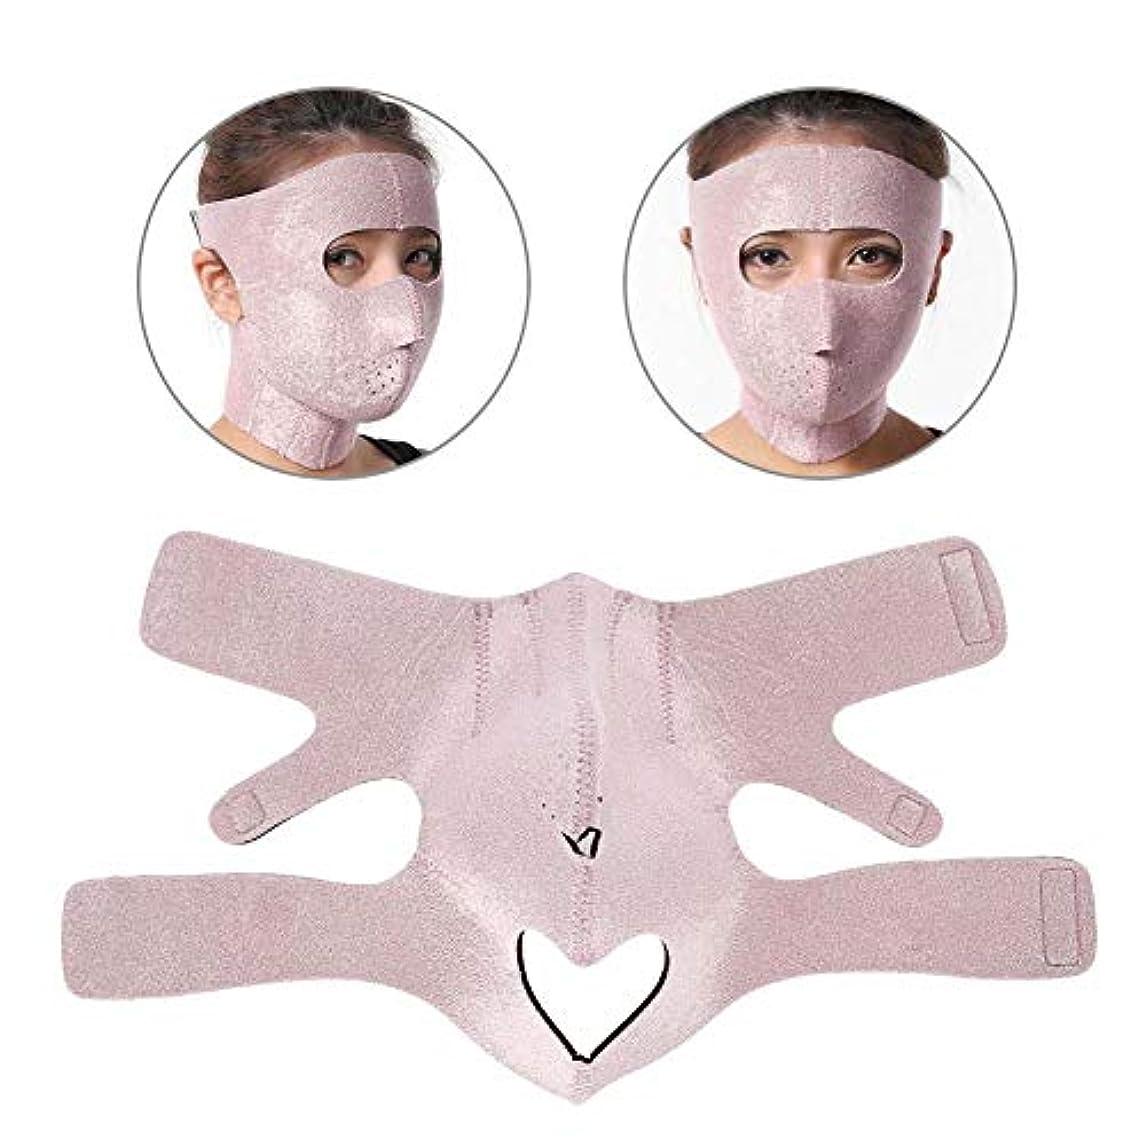 ばかデマンド猟犬顔の輪郭を改善する 美容包帯 フェイスリフト用フェイスマスク 通気性/伸縮性/変形不可